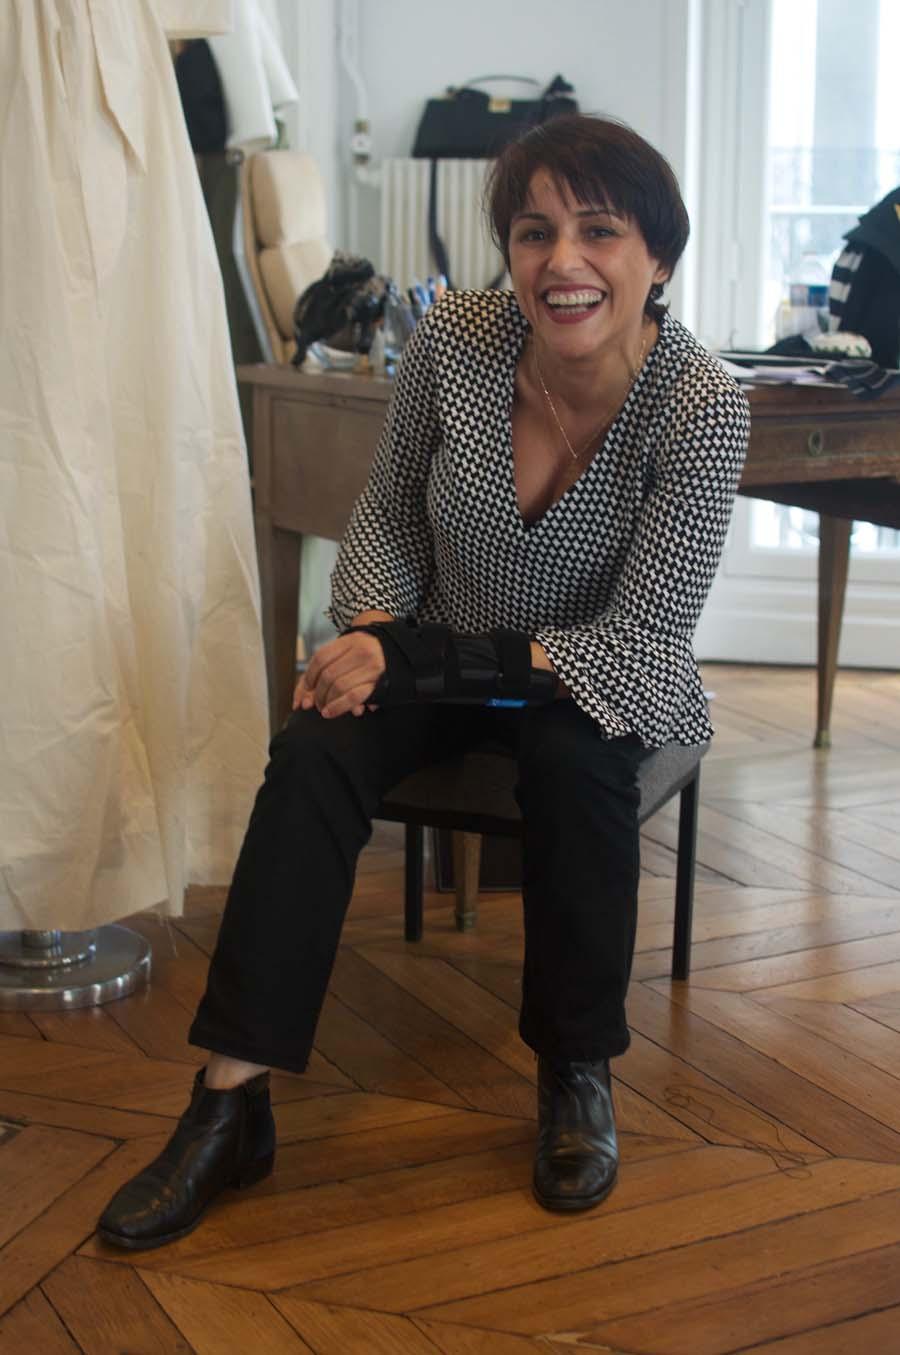 Carolina RitzlerNawel - Production Manager